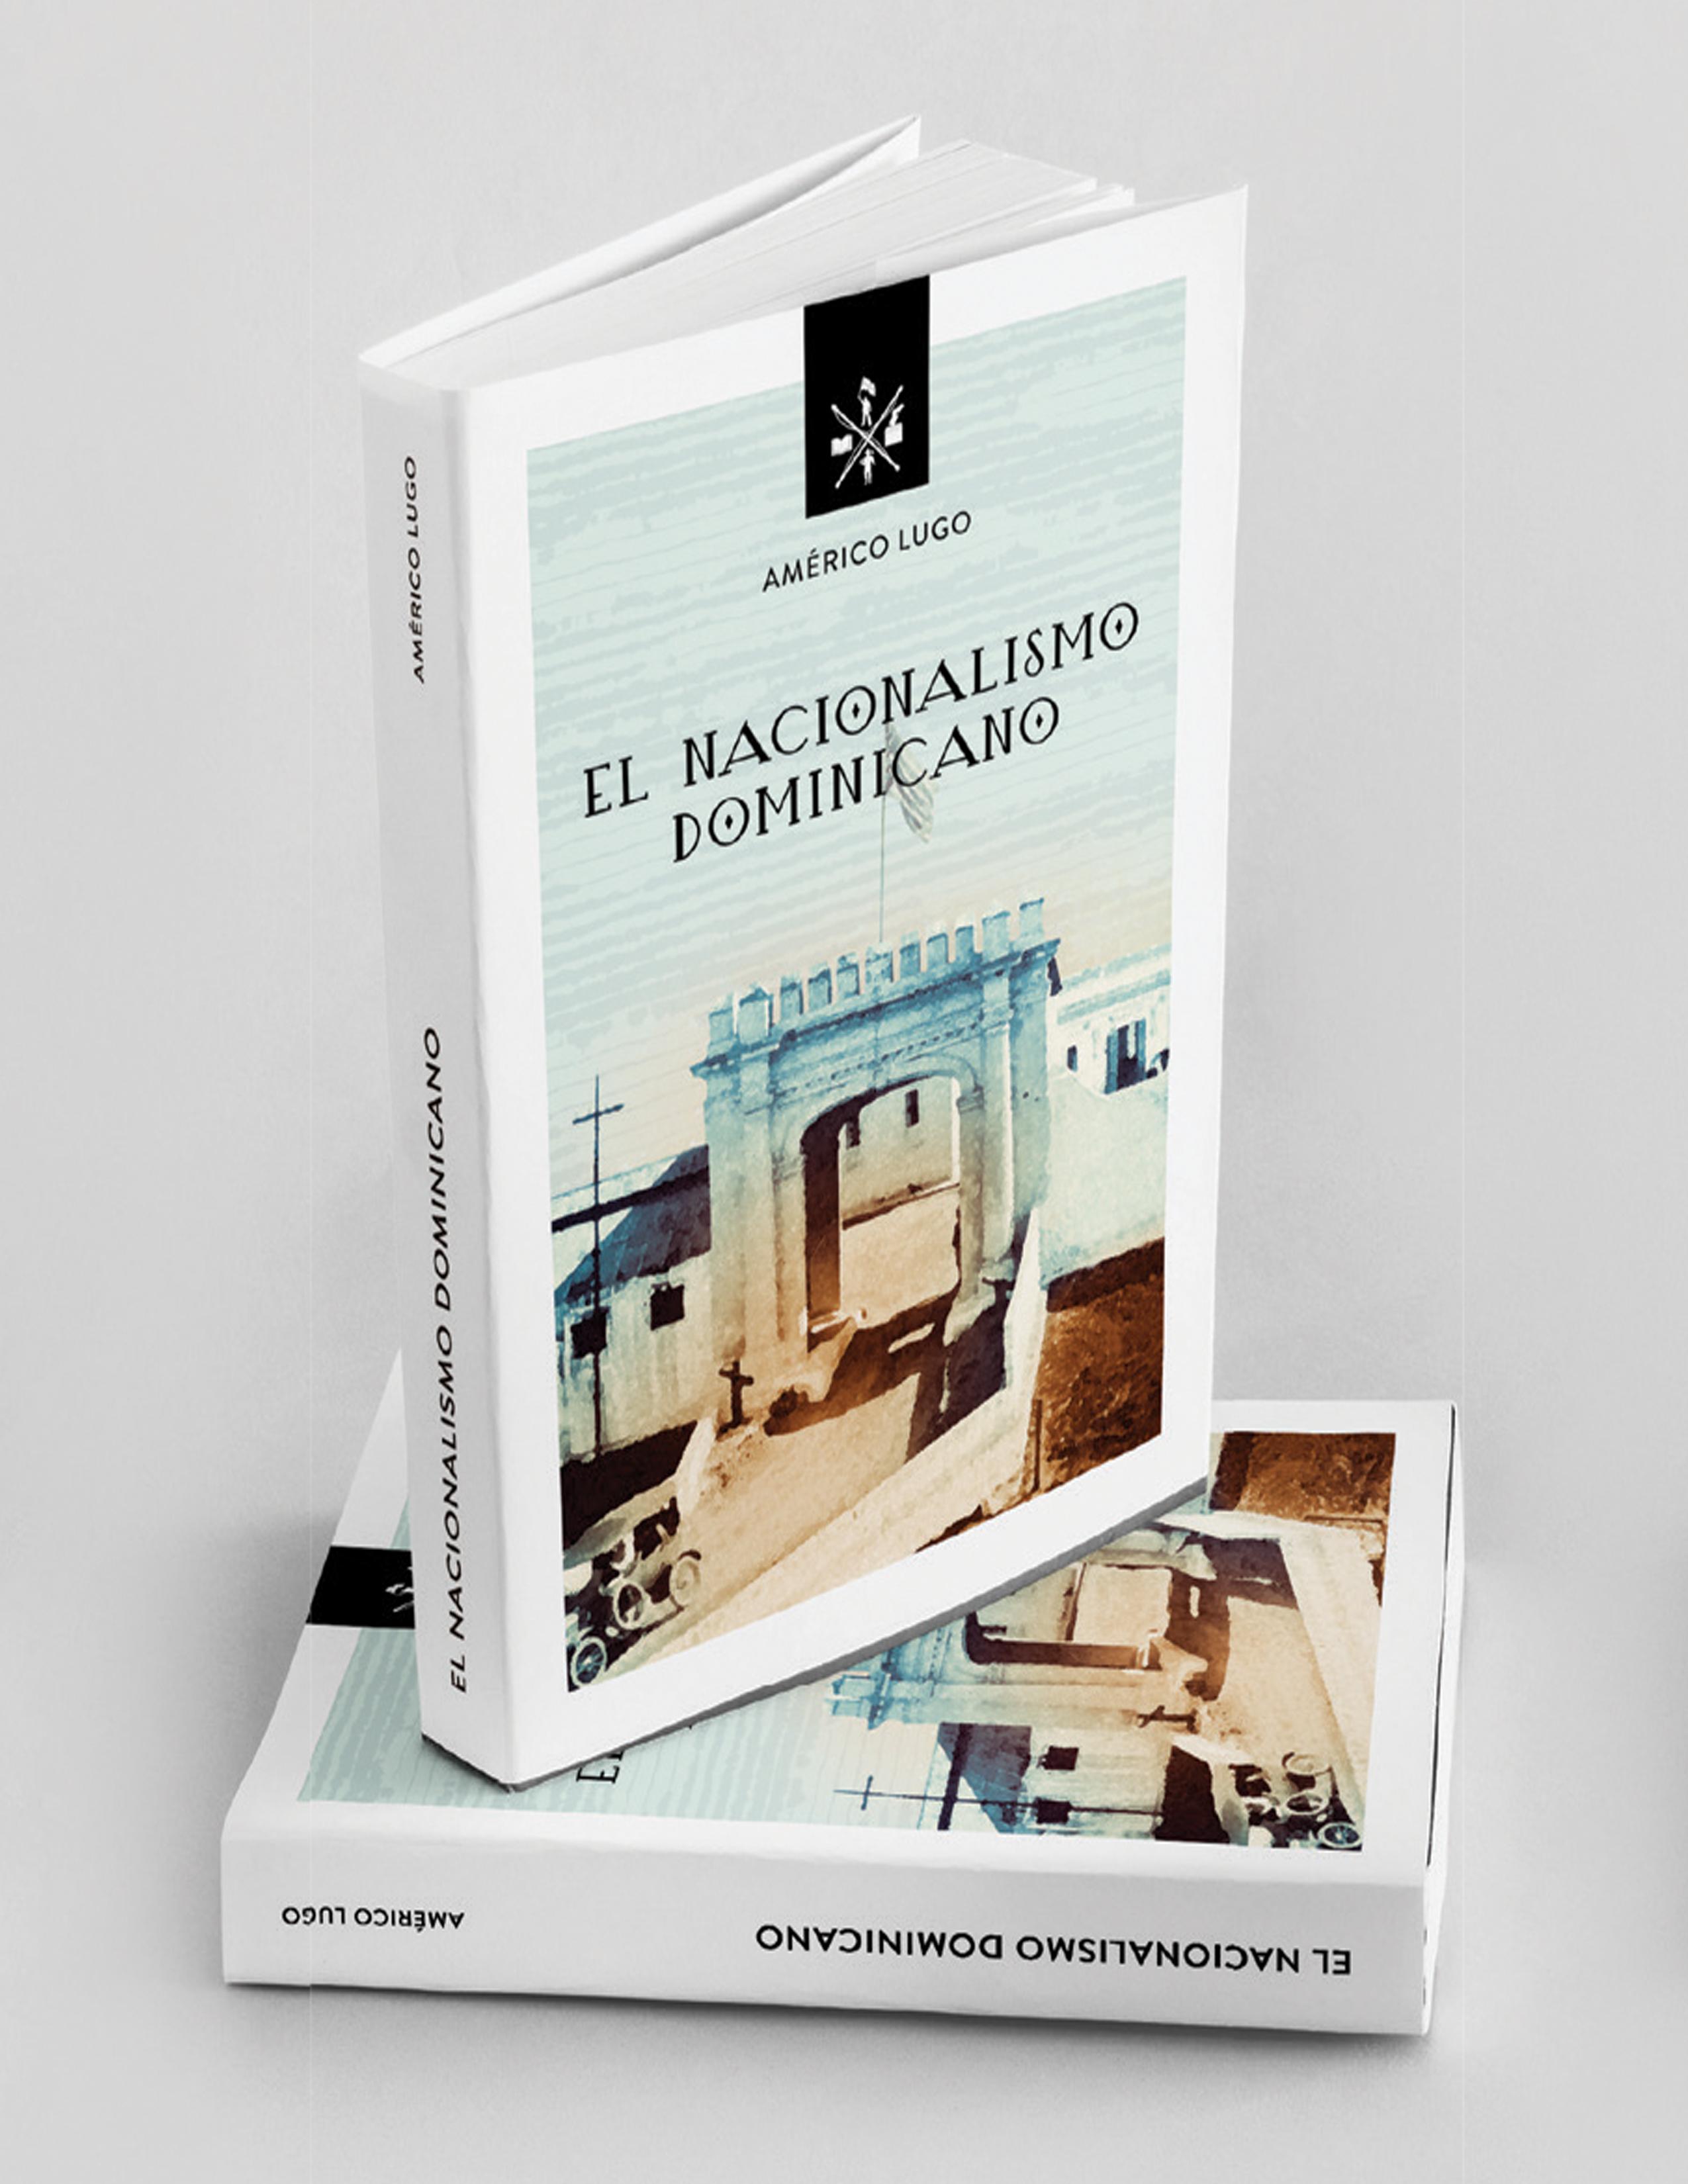 ISFODOSU promueve patrimonio intelectual con lanzamiento de 10 libros en su Serie II. Ensayos